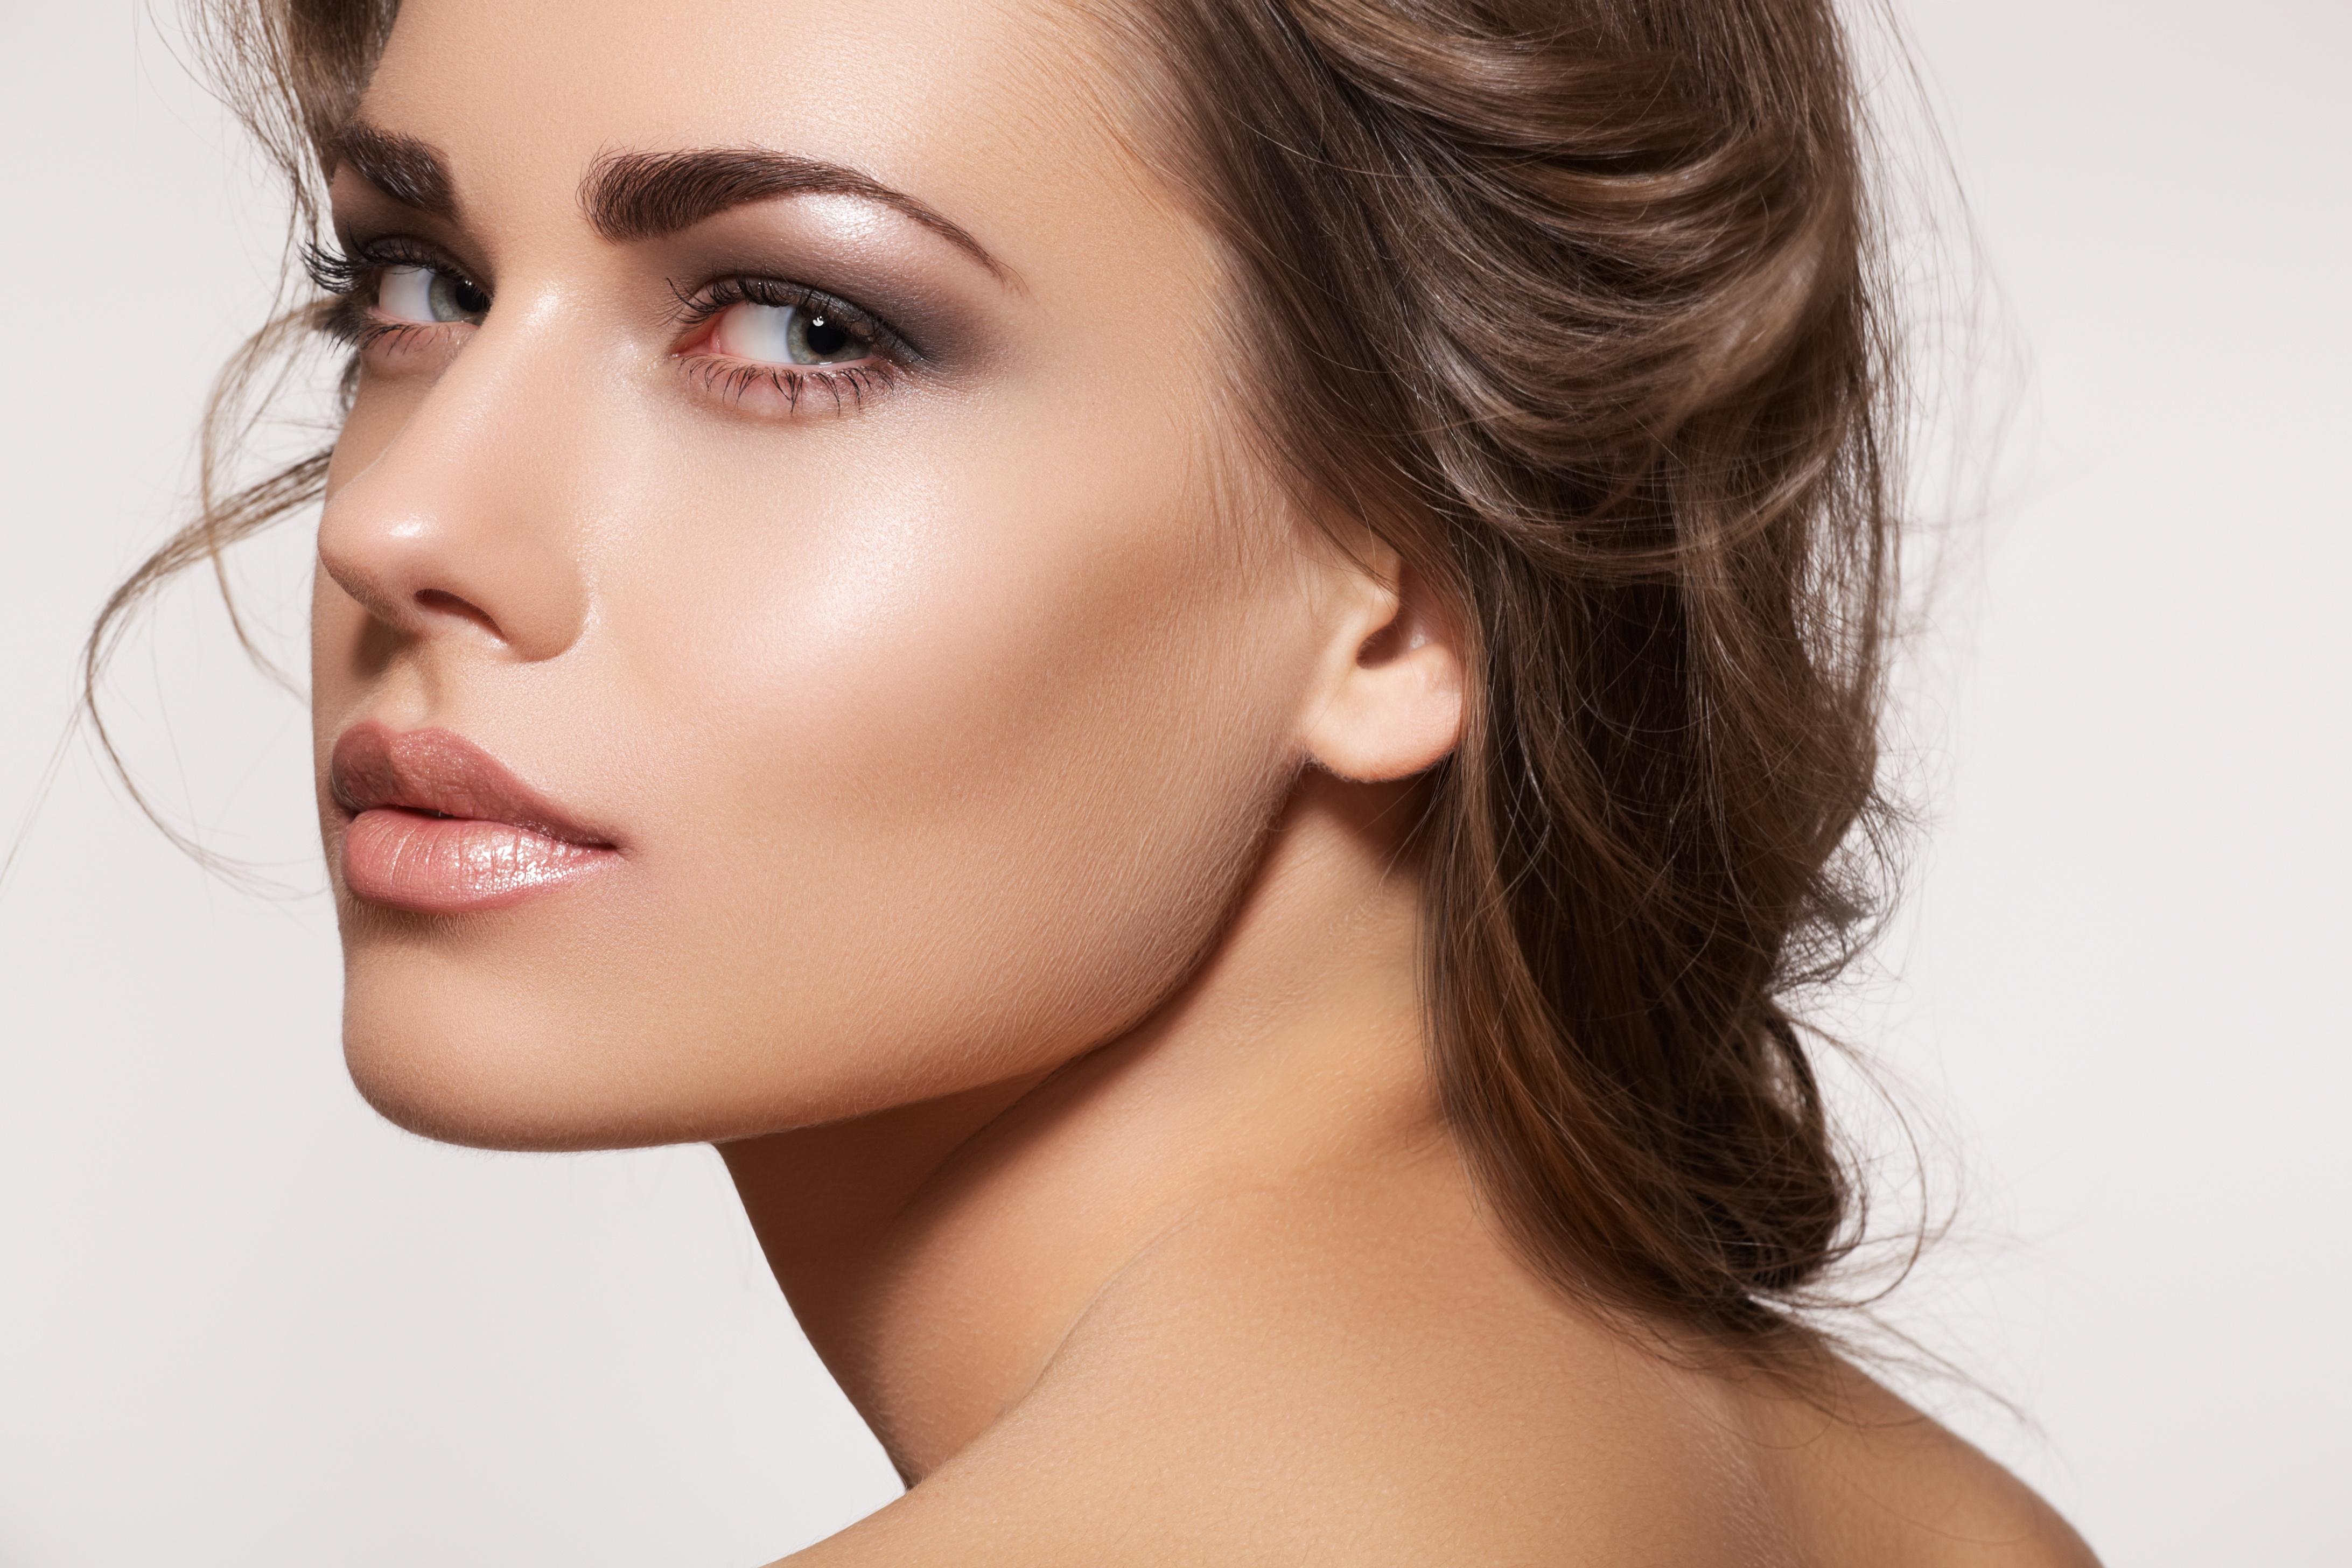 Können Sie den Nude-Lippenstift Ihrer Hautfarbe anpassen?